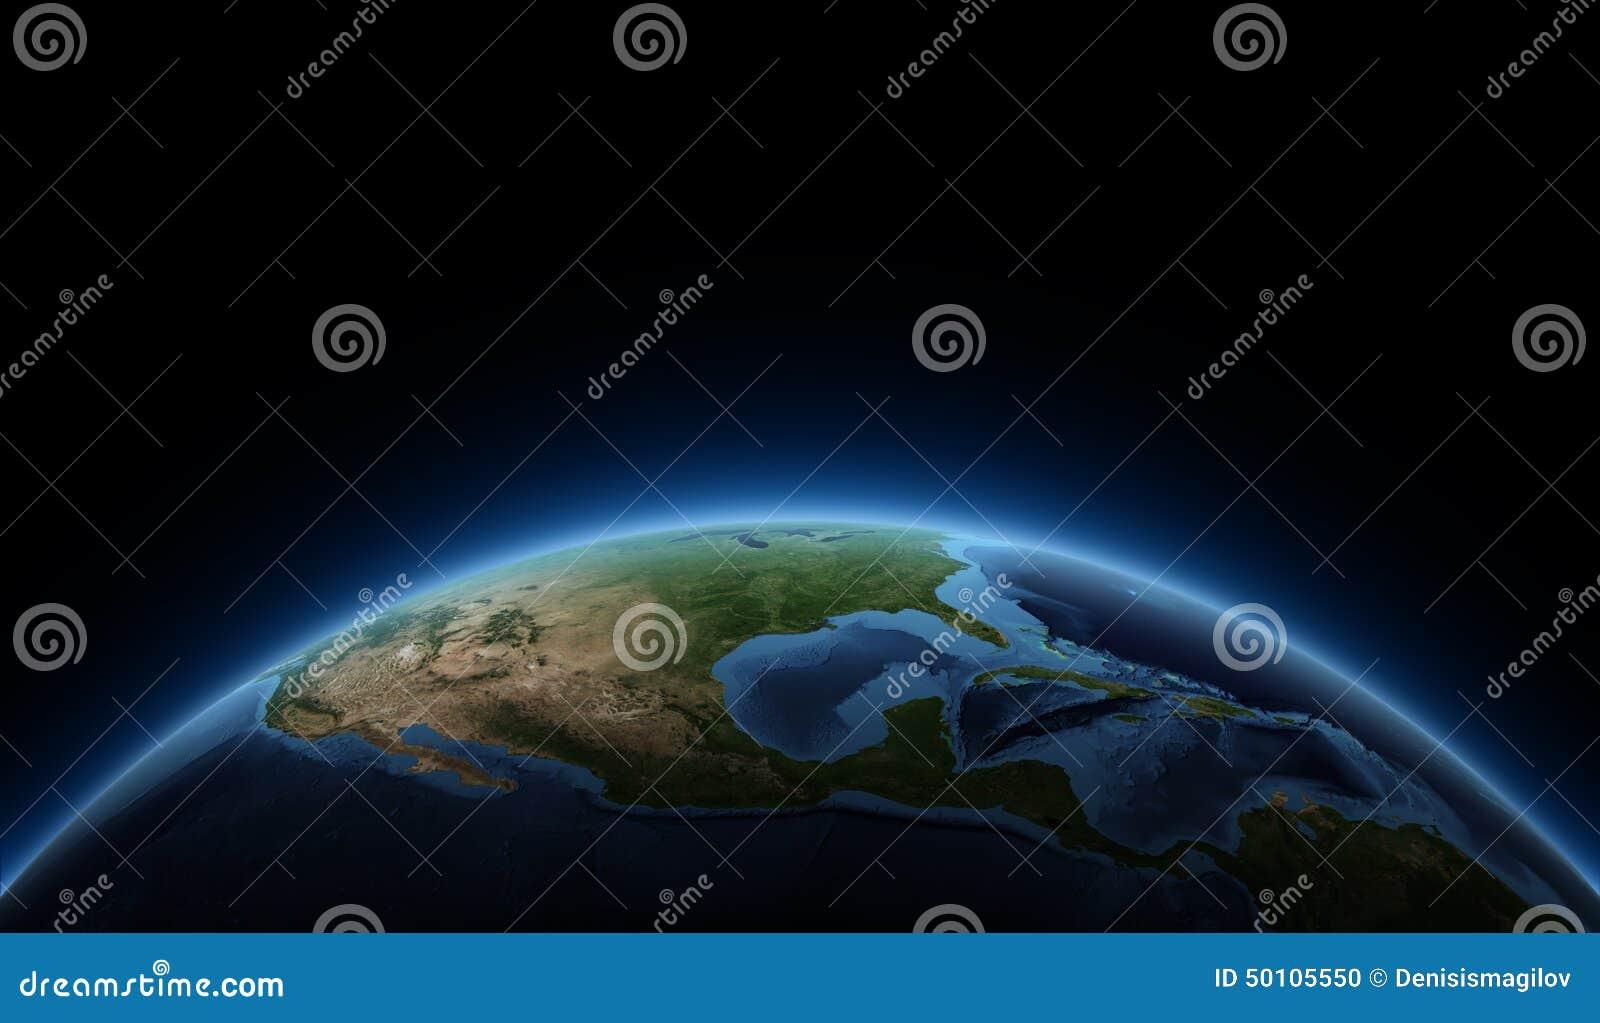 Zonsopgang op aarde